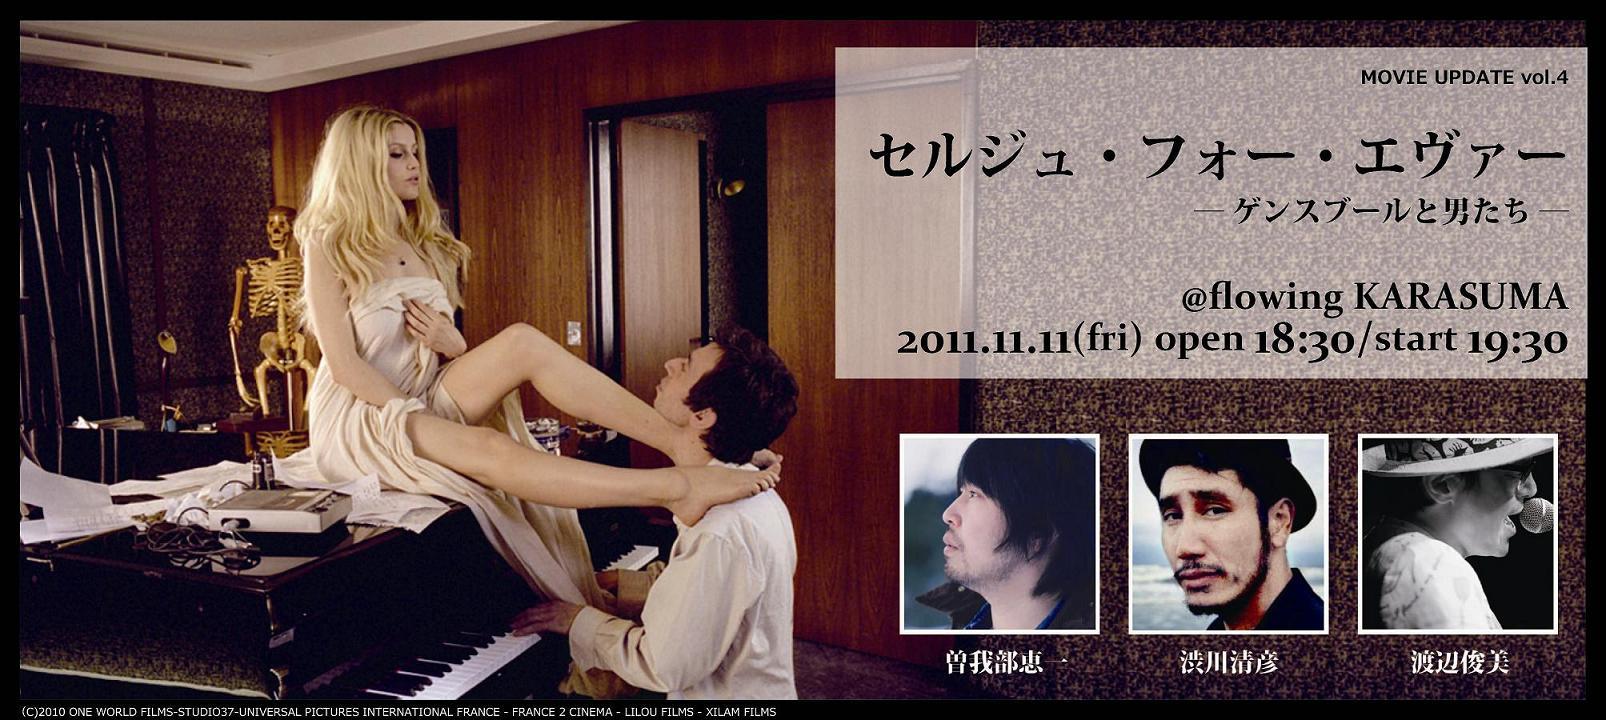 <セルジュ・フォー・エヴァー~ゲンスブールと男たち~> @京都 flowing KARASUMA